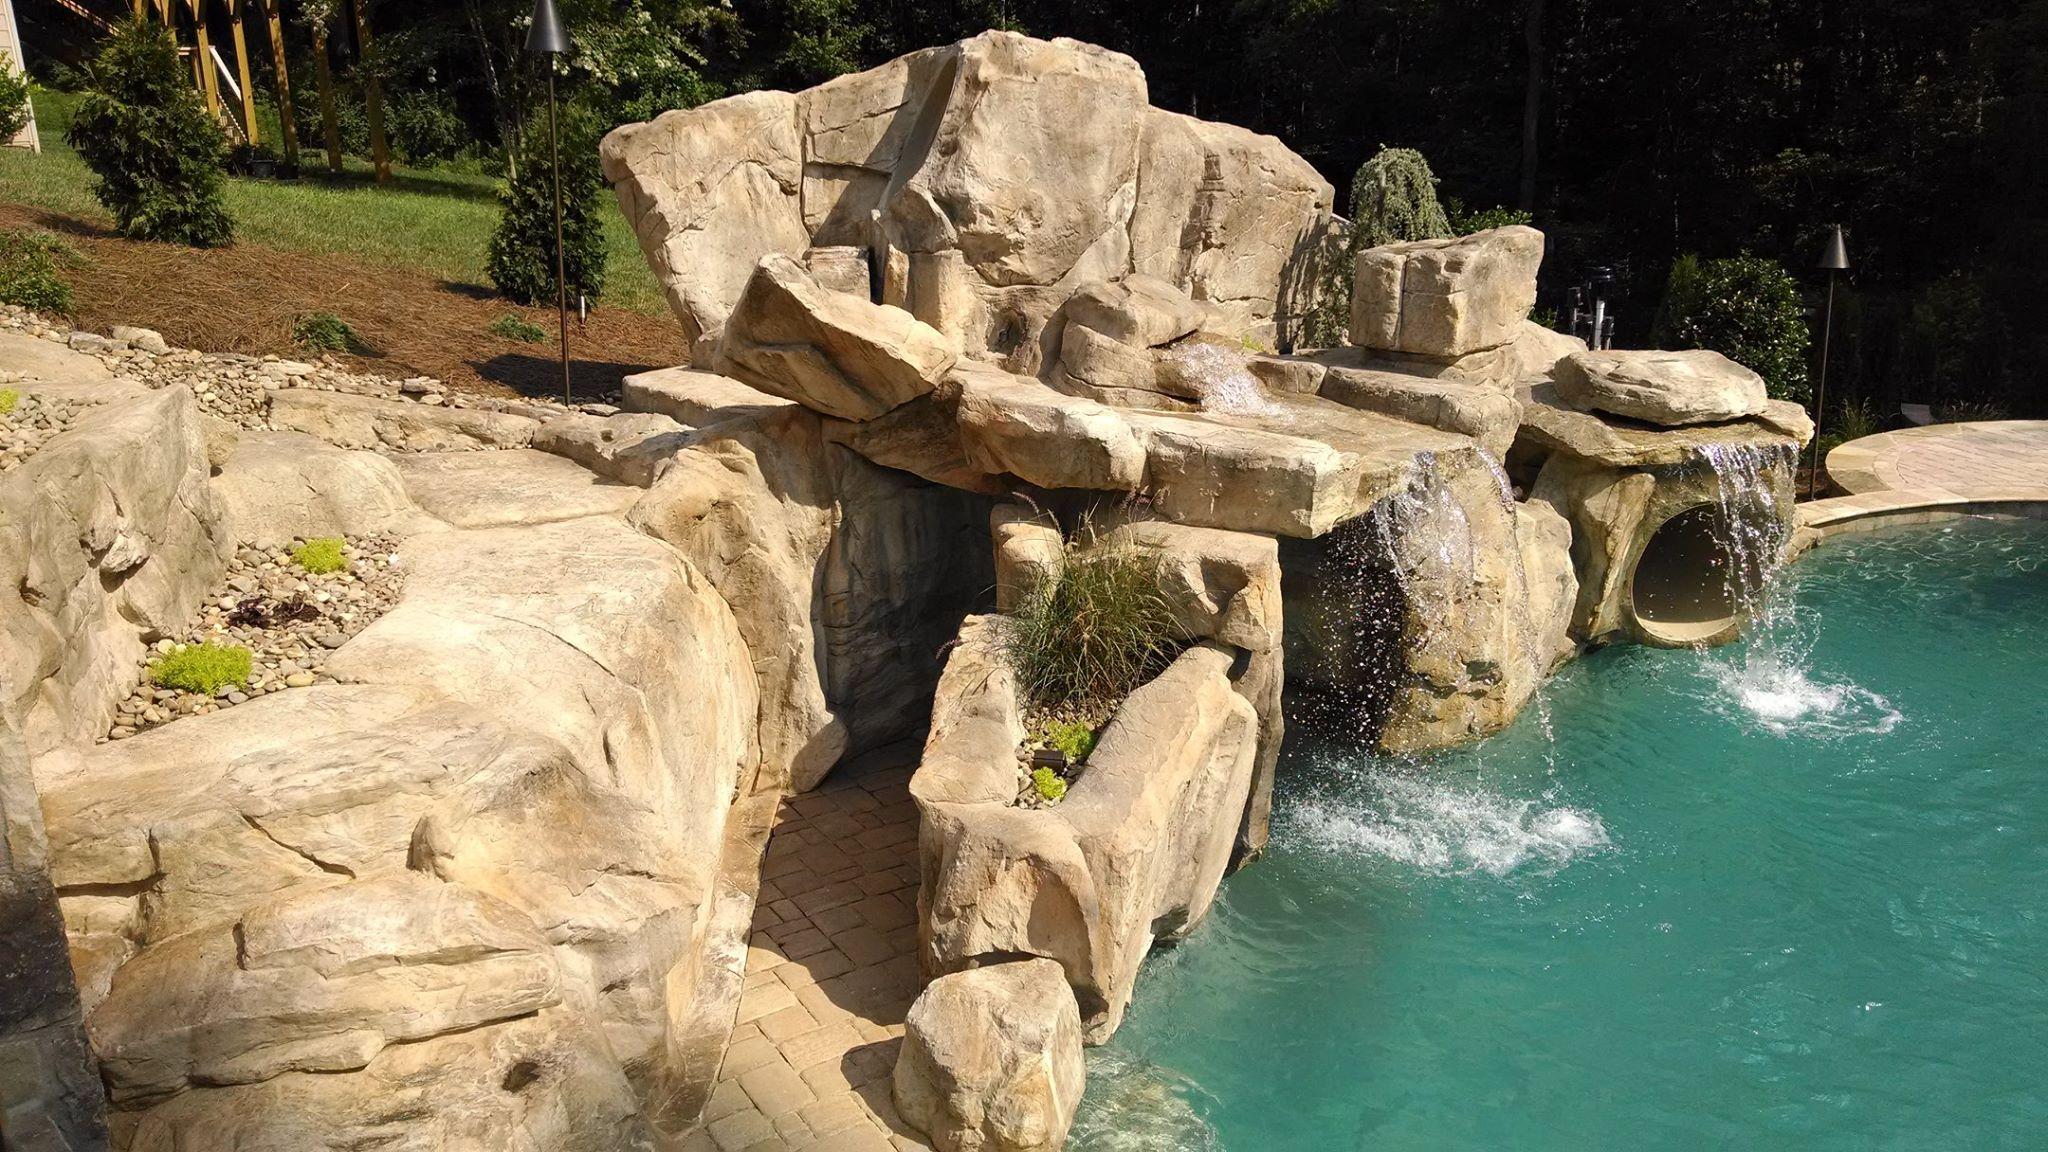 Im genes de piscinas con cascadas artificiales for Construccion de cascadas artificiales